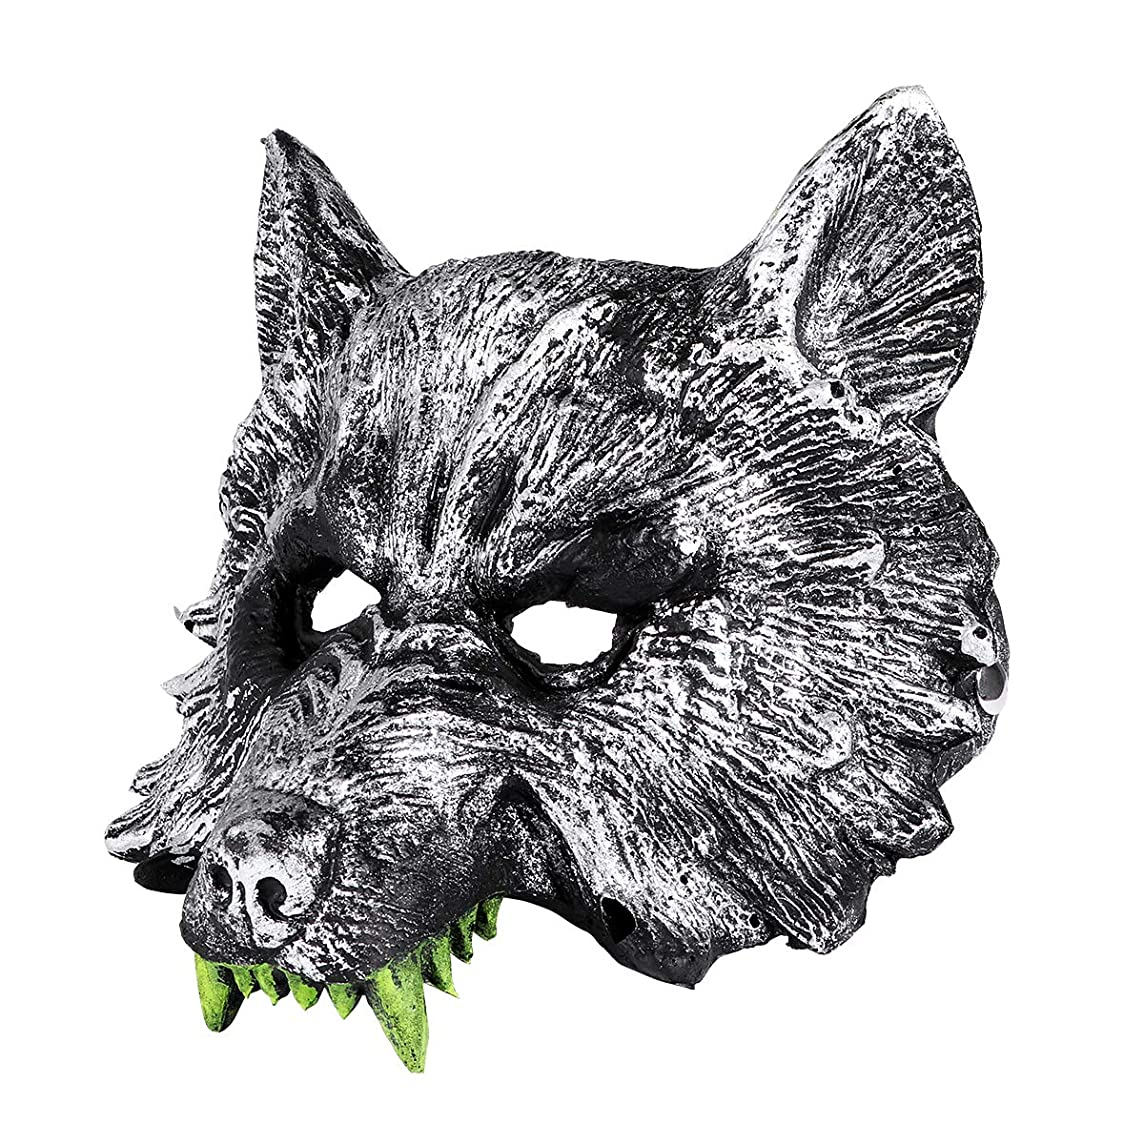 笑有名人癒すコスプレハロウィーン仮装のためのNUOLUX灰色オオカミヘッドマスクファンシードレスパーティー小道具